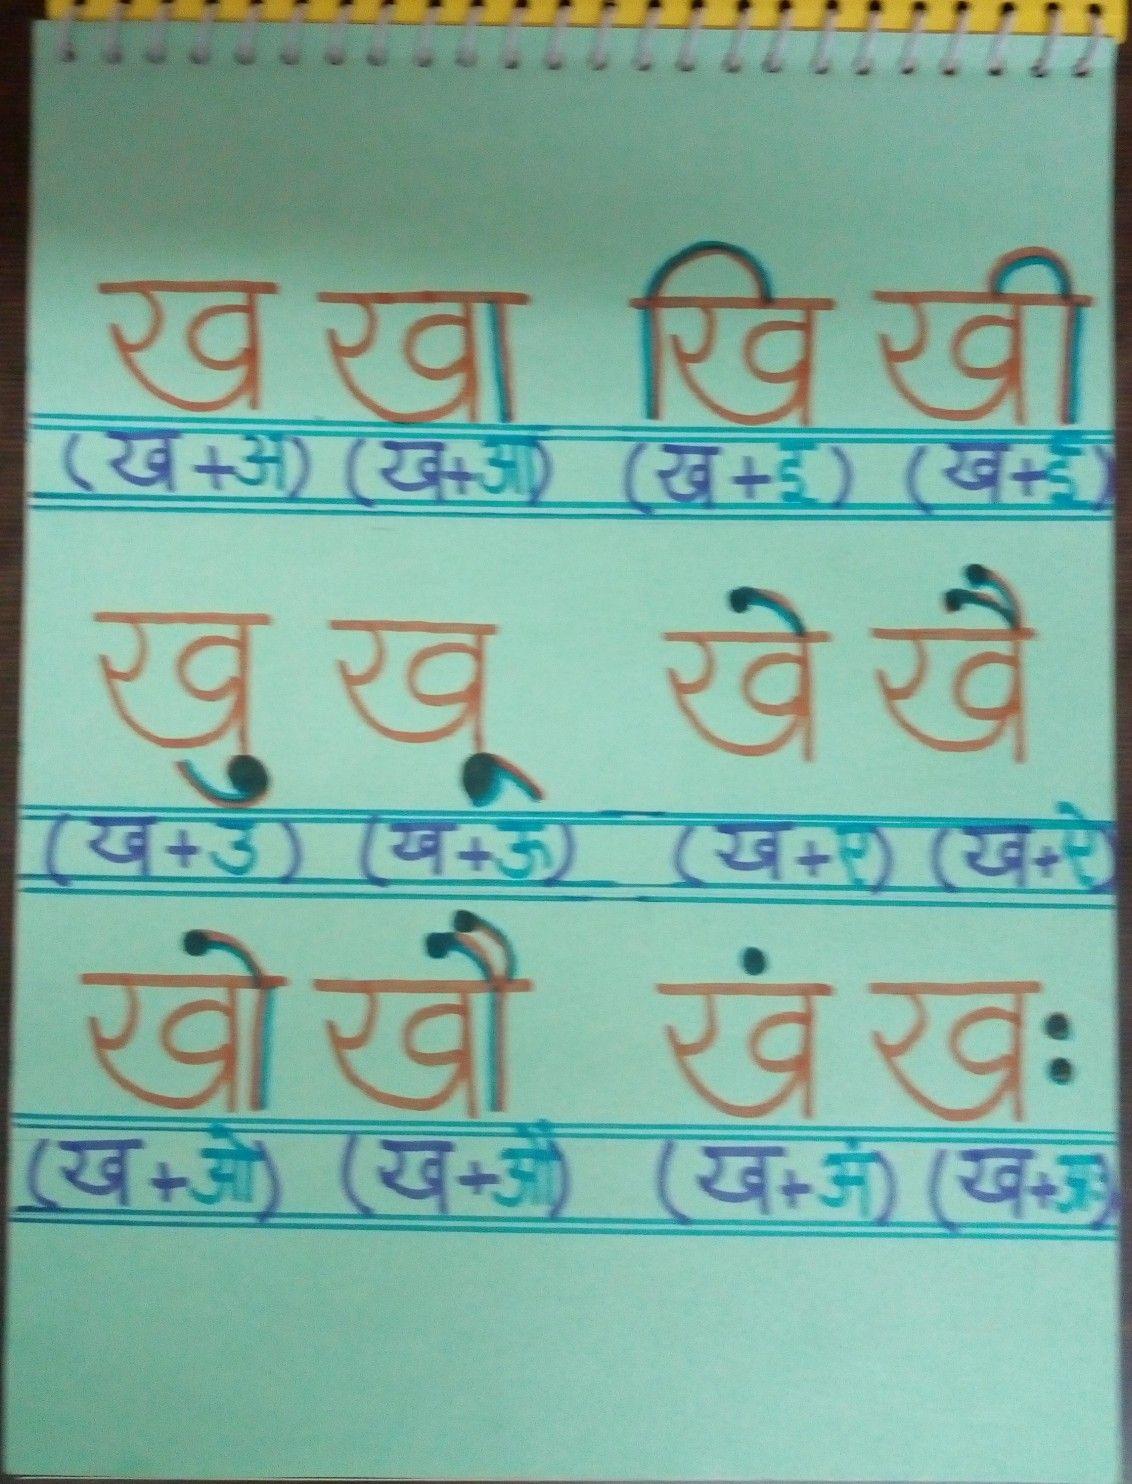 Pin By Vibhu On Hindi Hindi Language Learning Hindi Worksheets Hindi Words [ 1484 x 1132 Pixel ]